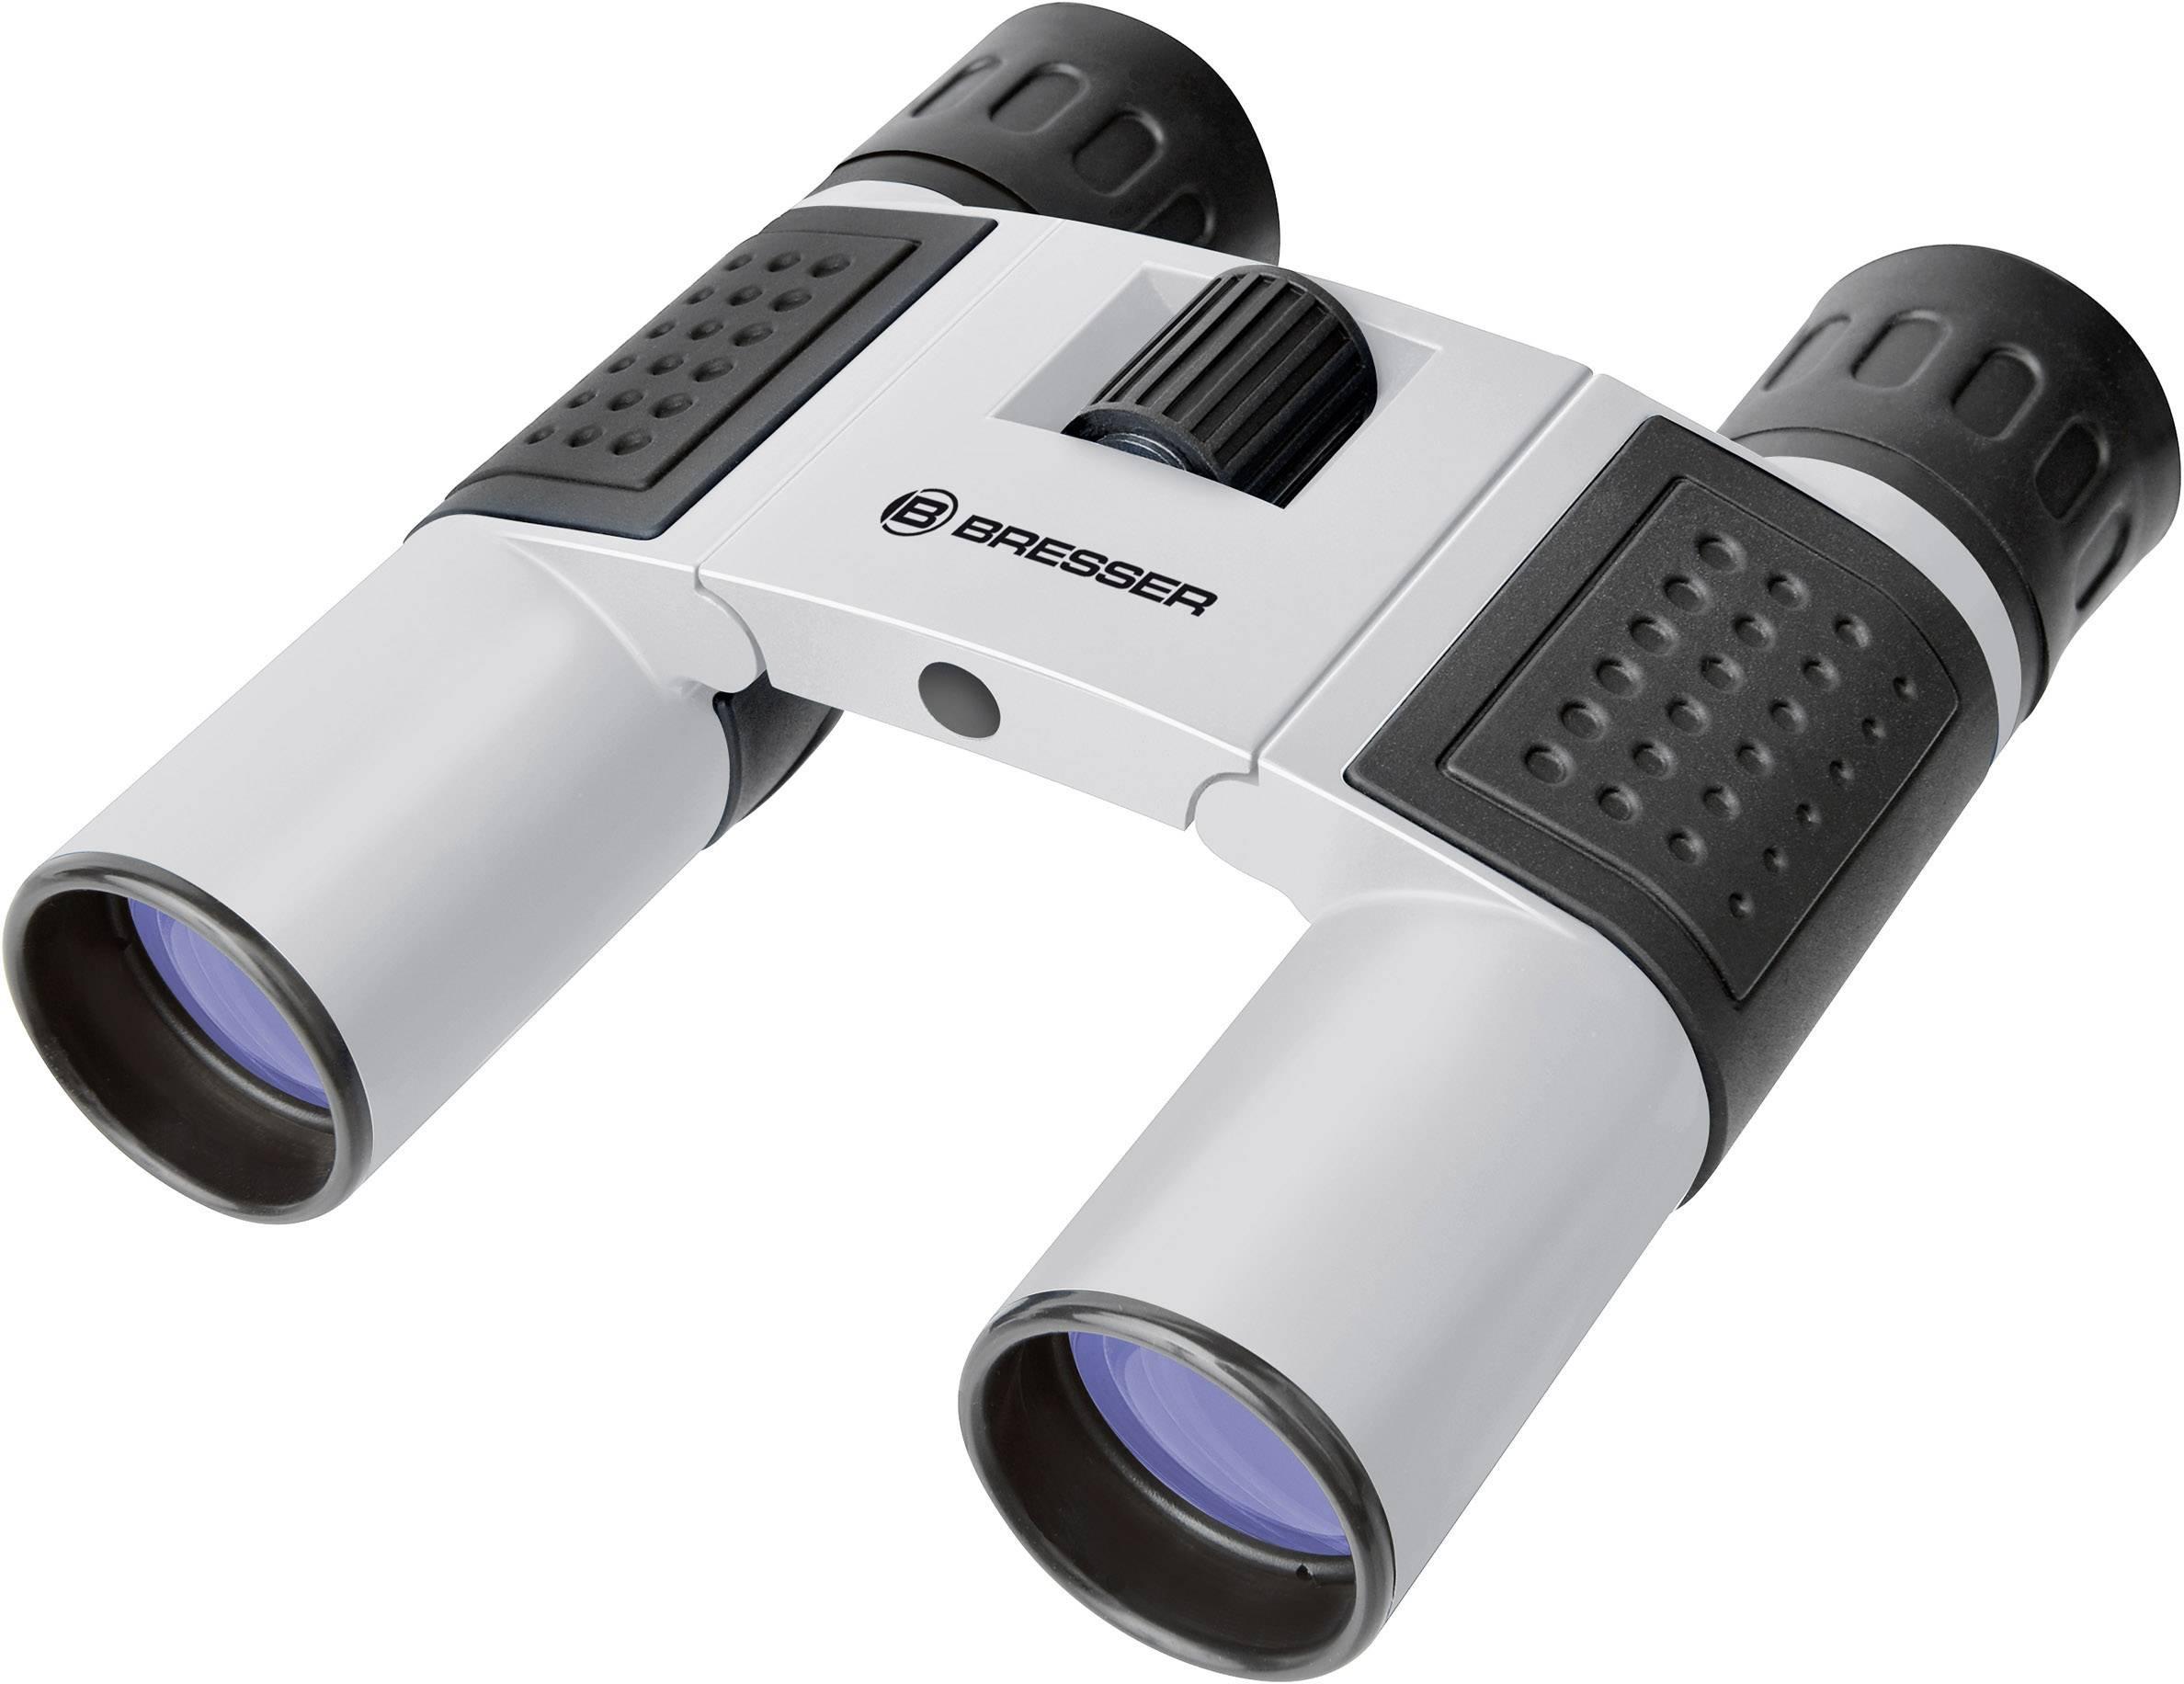 Entfernungsmesser Bresser : Optisches gerät für ihren betrieb online kaufen